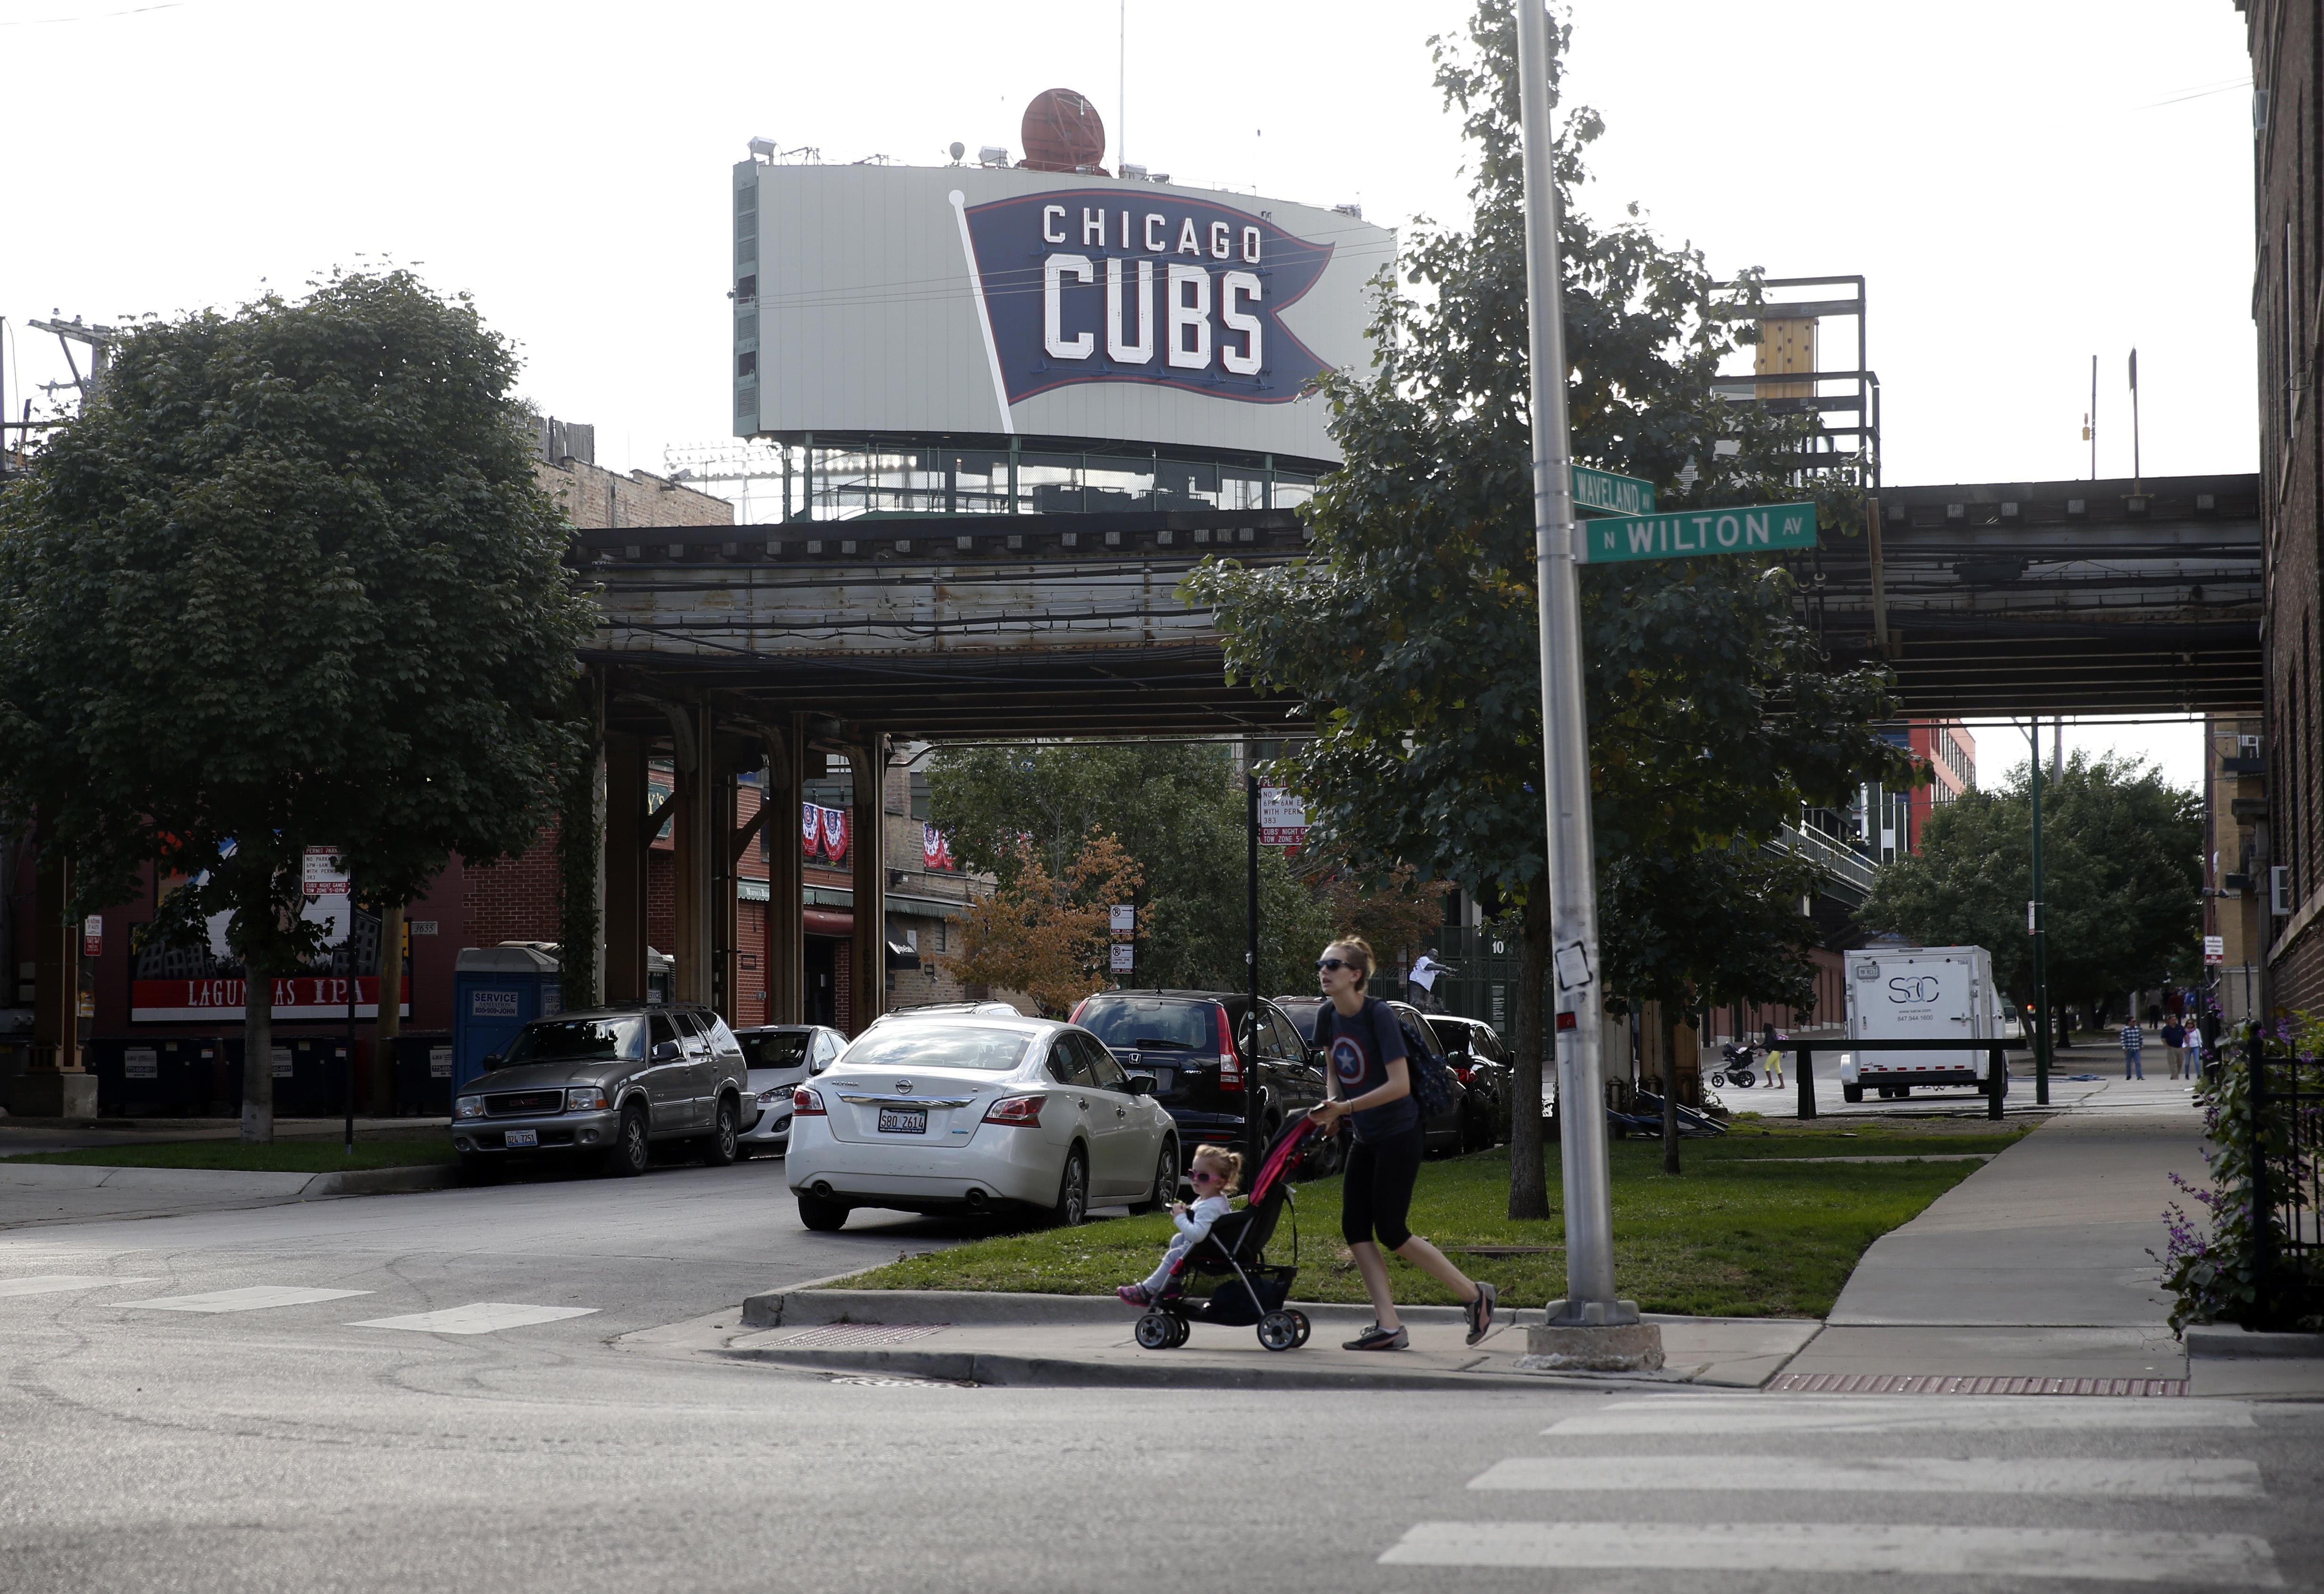 Neighborhood_cubs_baseball